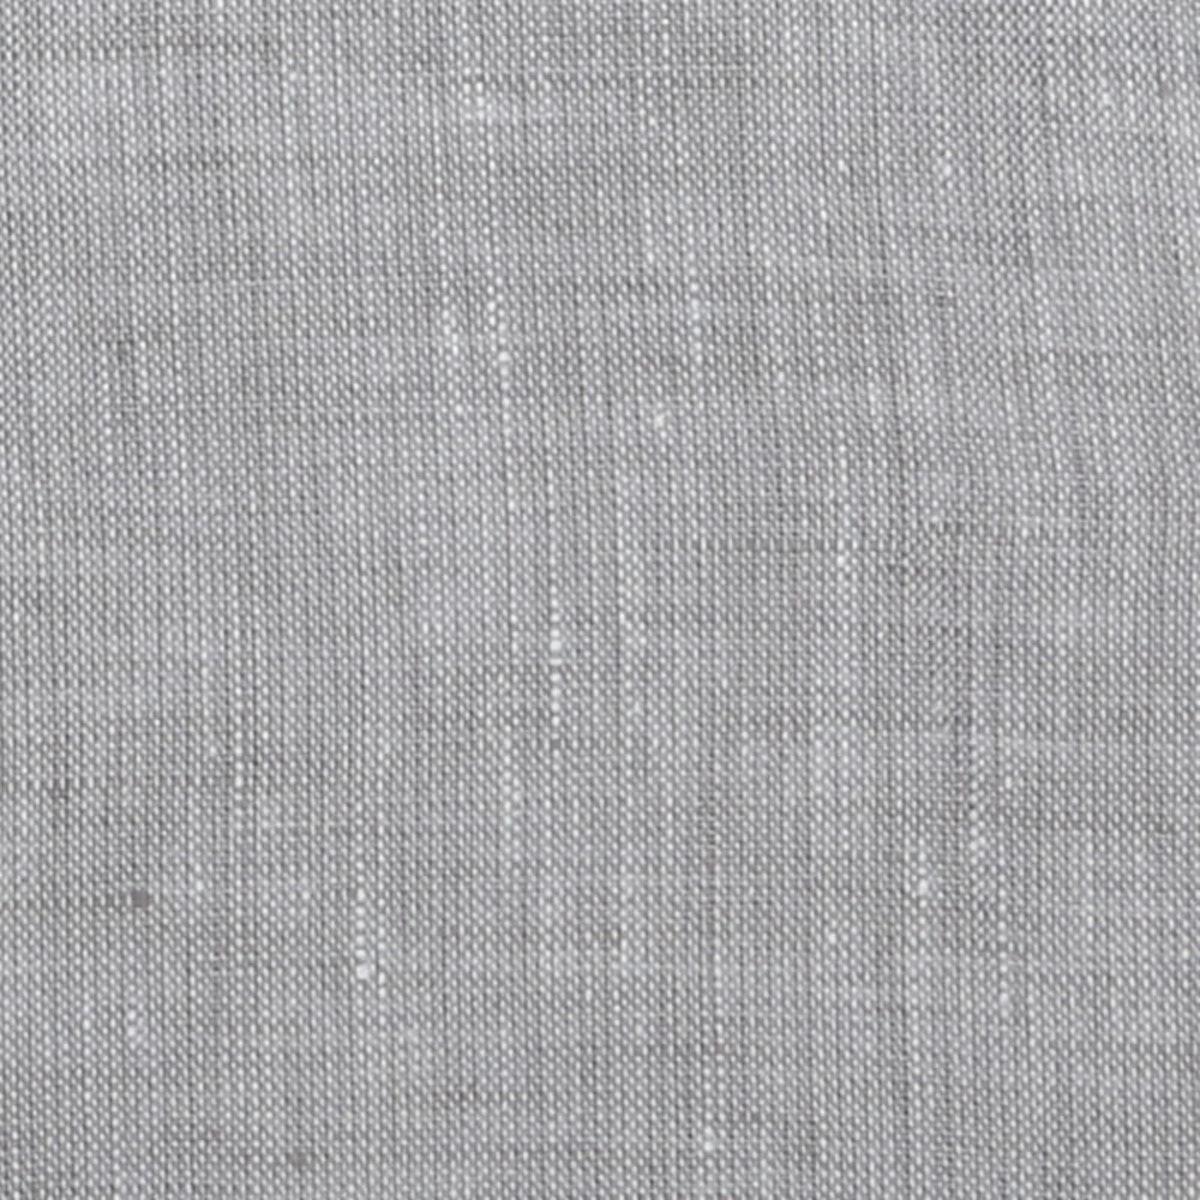 InStitchu Shirt Fabric 4980